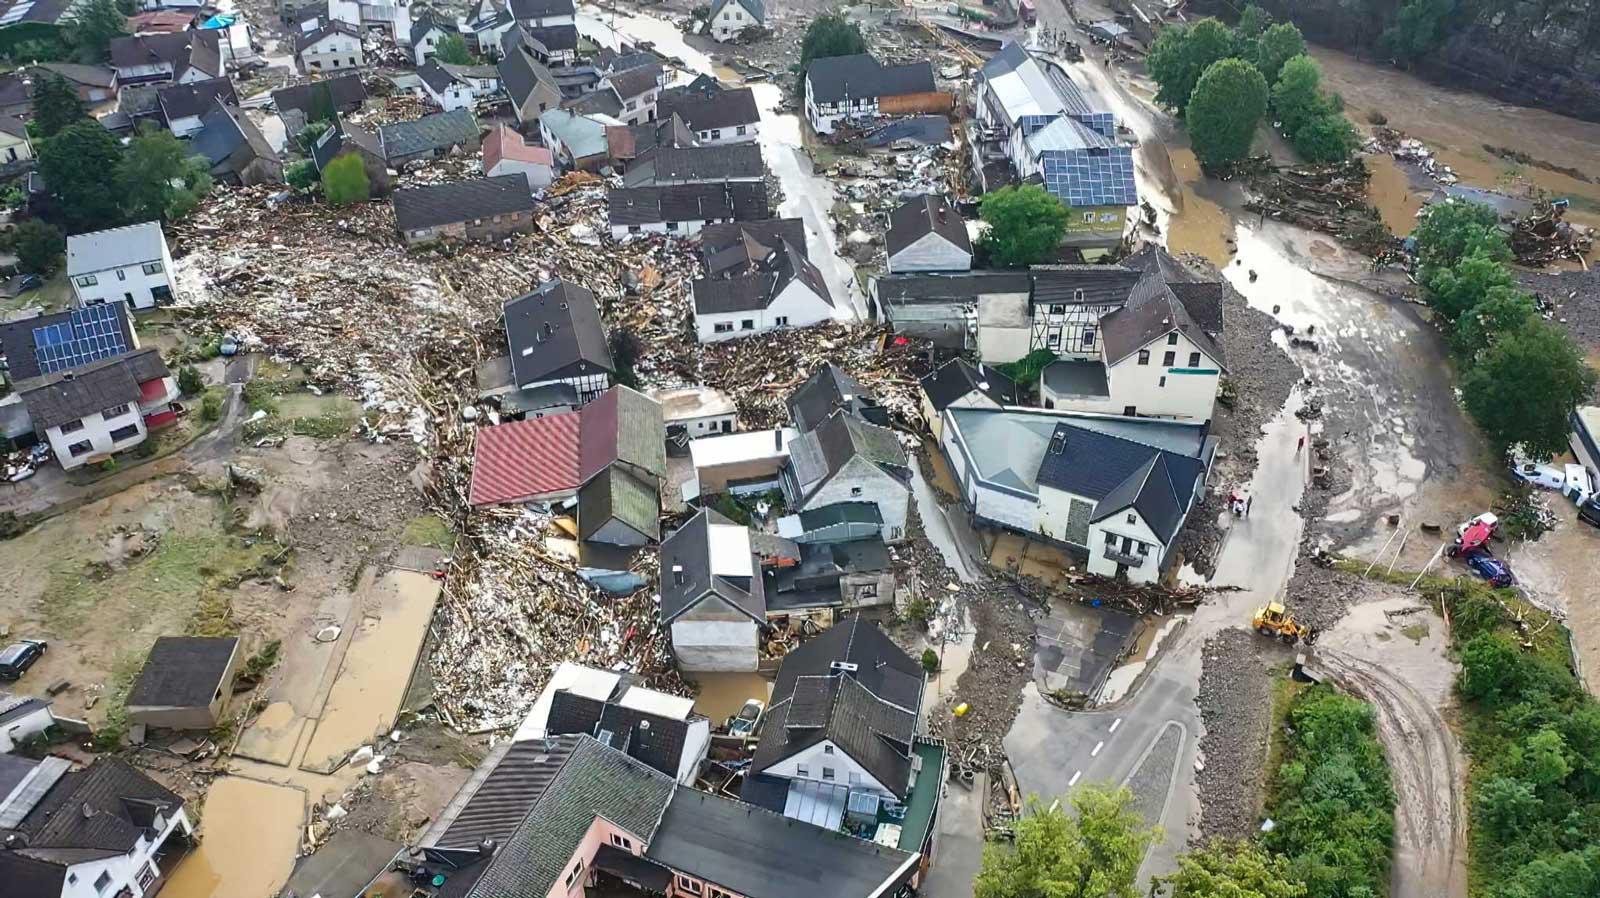 Inundaciones en Alemania dejan al menos 33 muertos y 70 desaparecidos